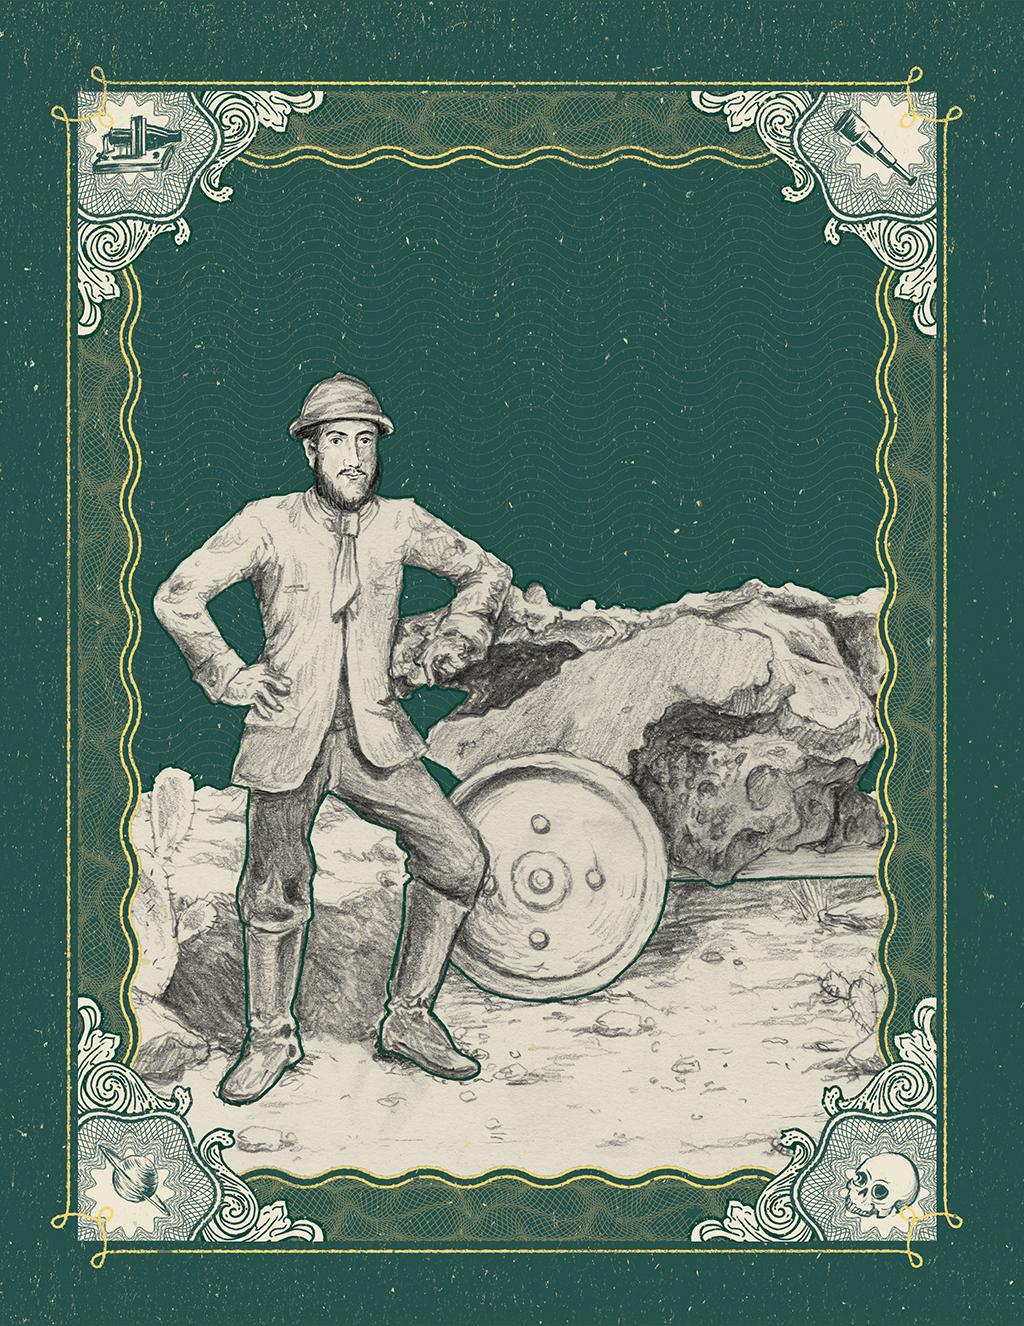 Licença poética: Pedro II evidentemente não pôde se ausentar do gabinete para acompanhar a remoção do meteorito. Mas teria adorado a expedição.